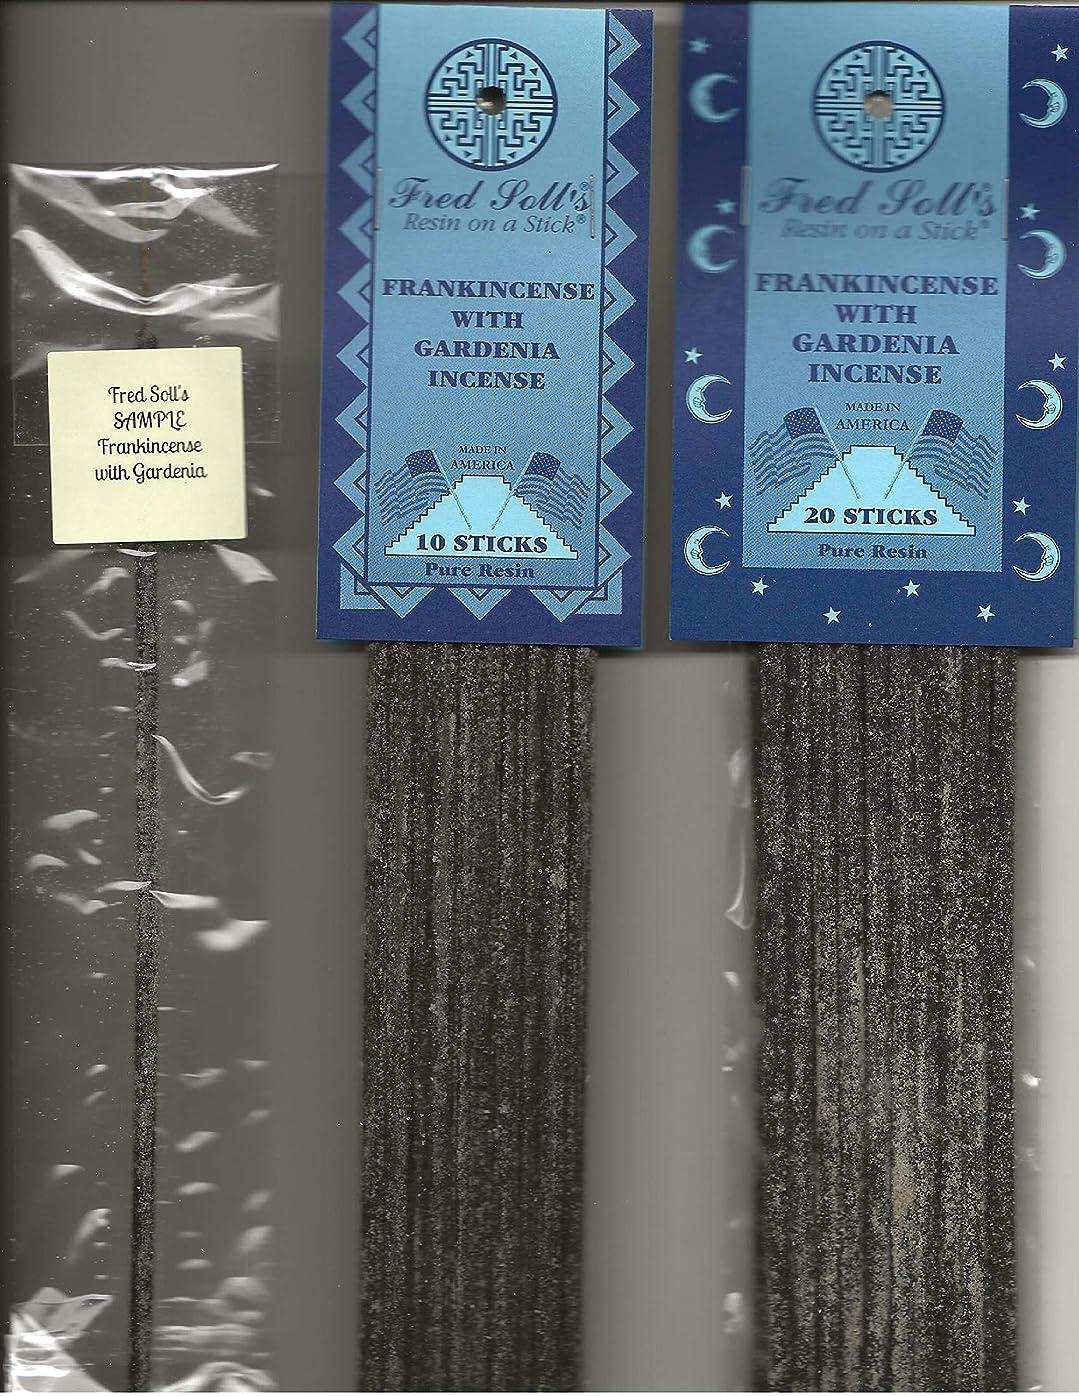 スノーケル格差治すFRED SOLL'S 樹脂製スティック付きフランキンセンス クチナシのお香付き